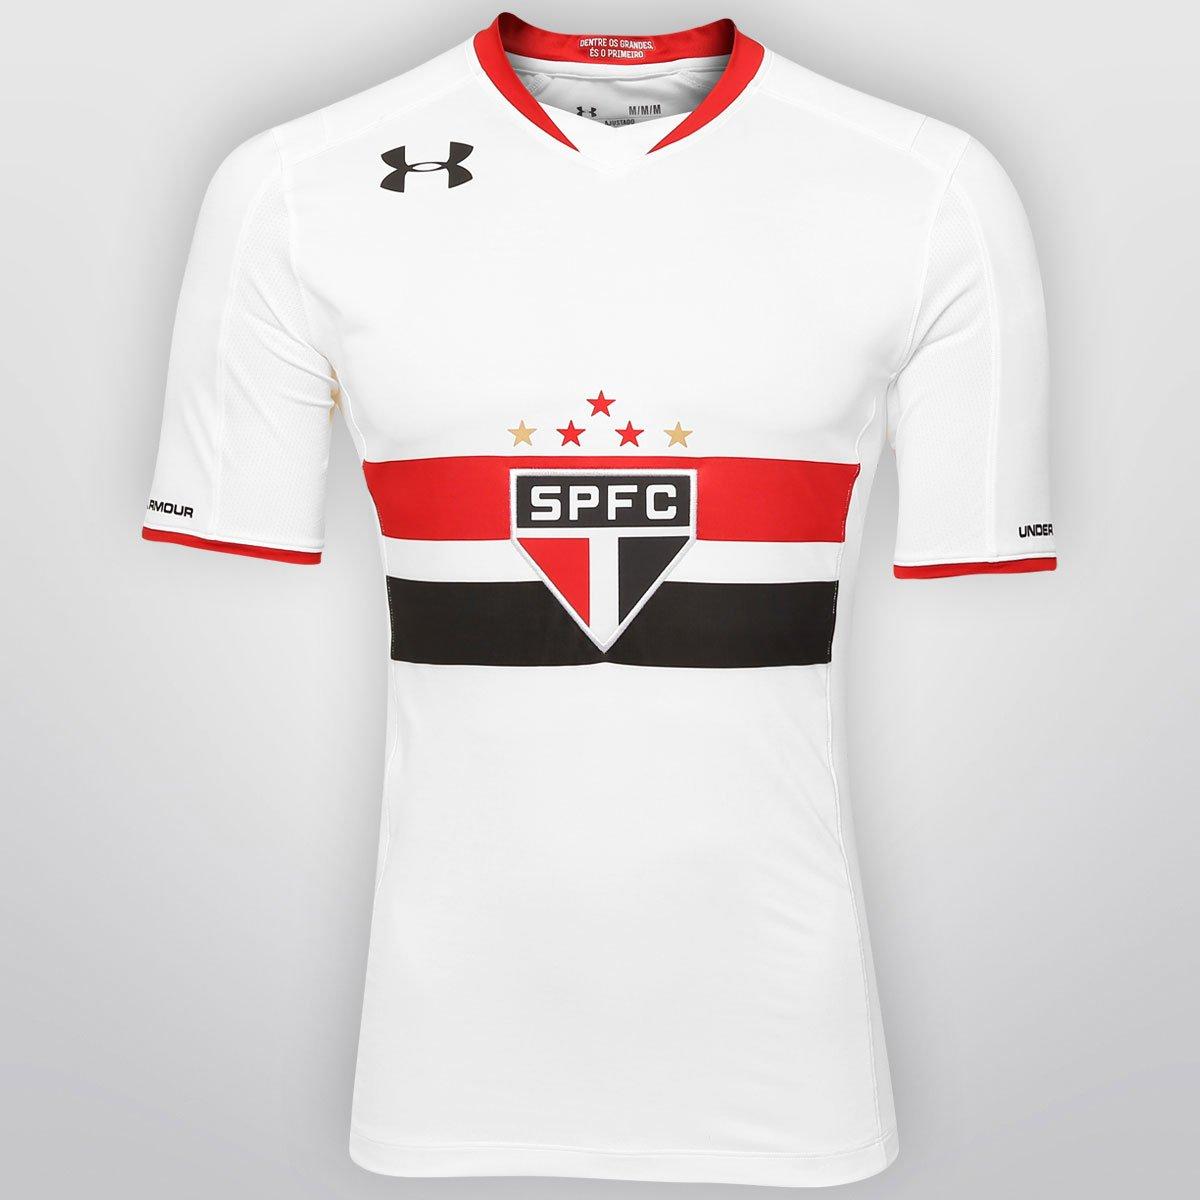 fb71b9a291 Camisa São Paulo I 15 16 s n° Torcedor Under Armour Feminina - Compre Agora